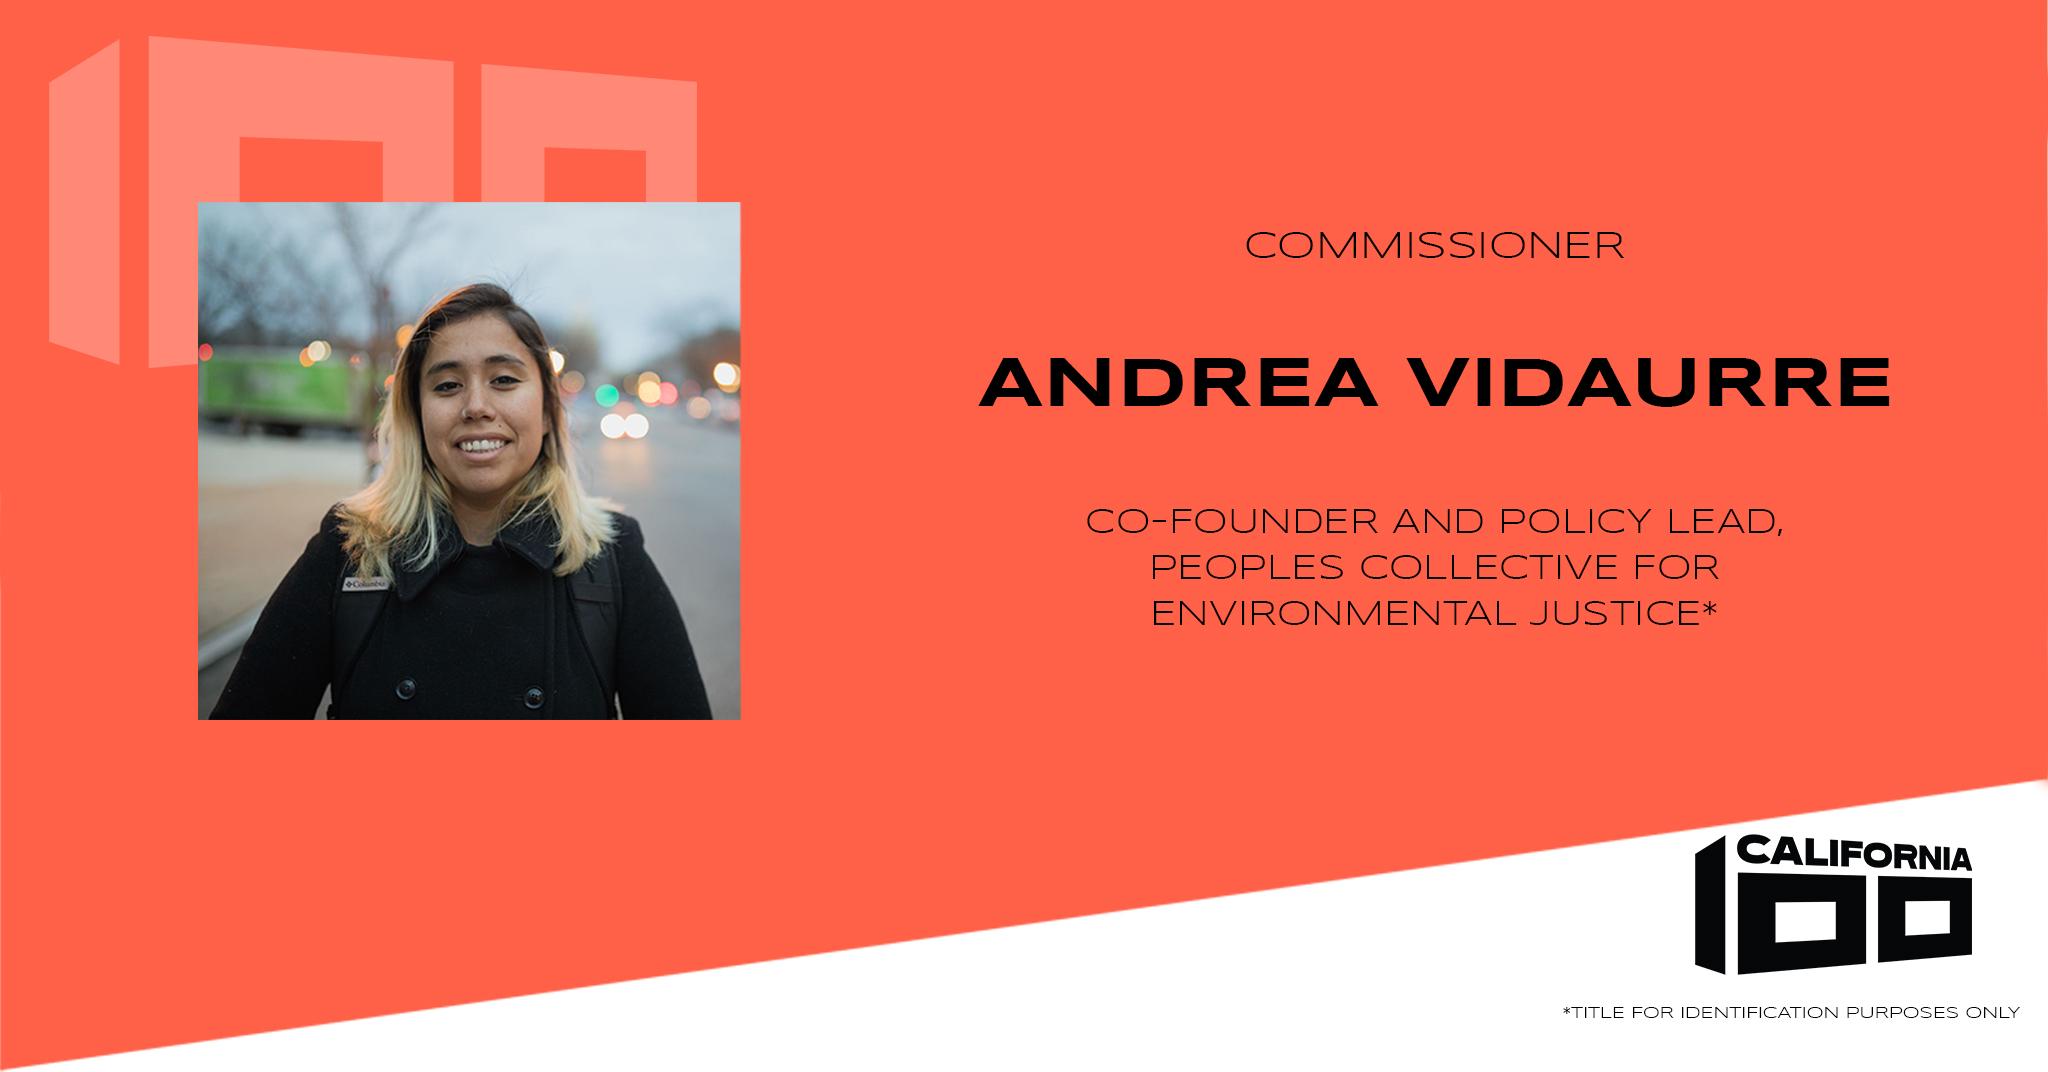 Andrea Vidaurre